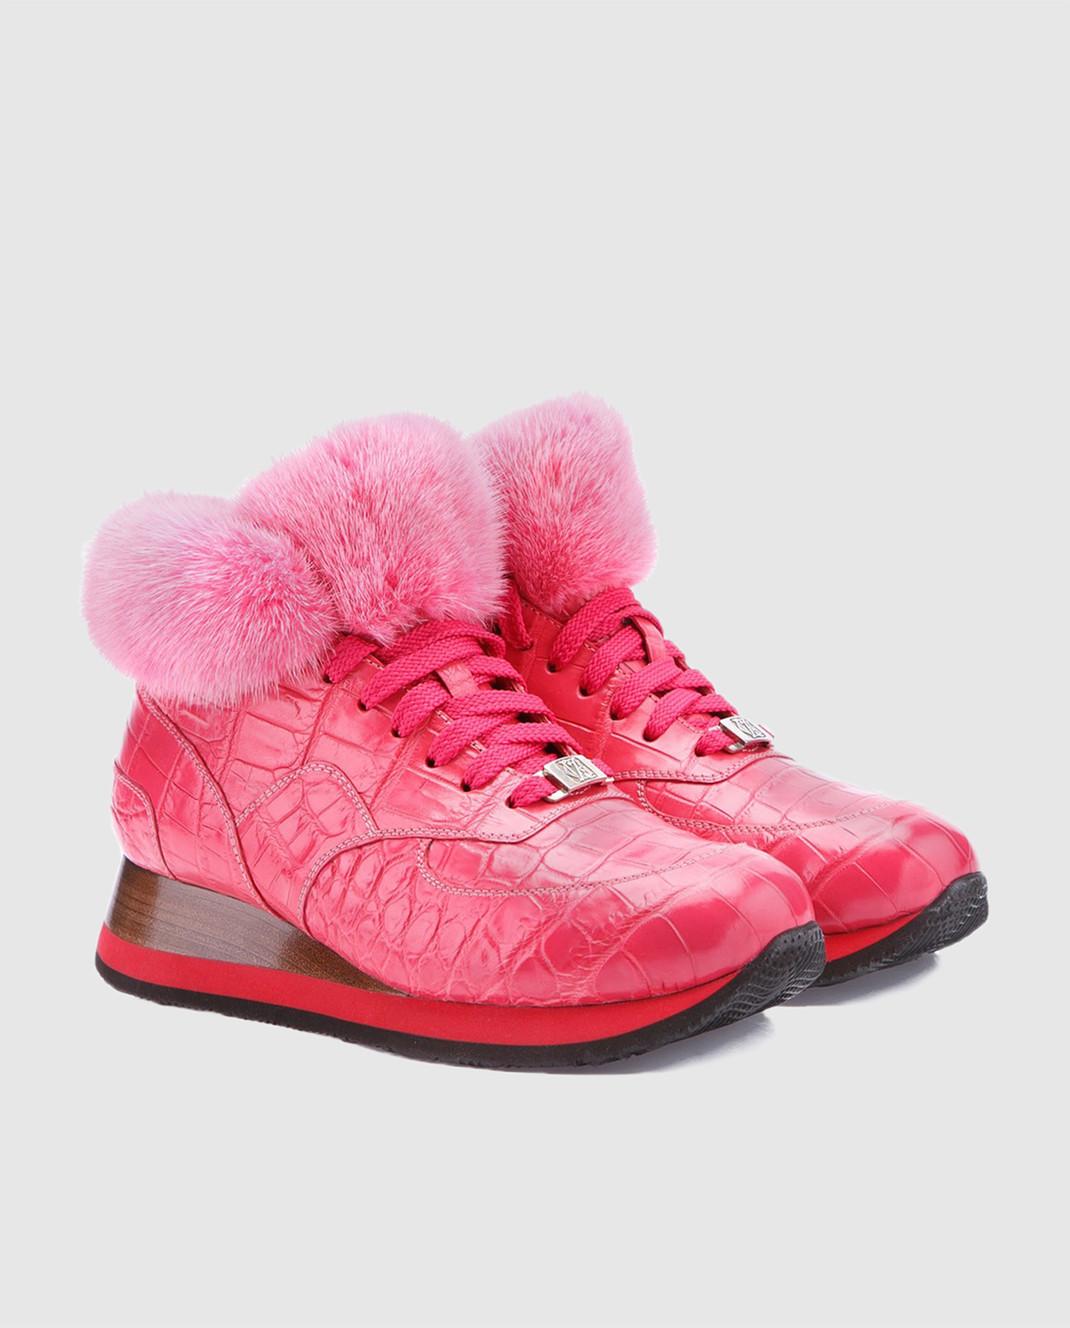 IGOR SENIN Розовые кроссовки ручной работы из кожи крокодила CROCO изображение 2